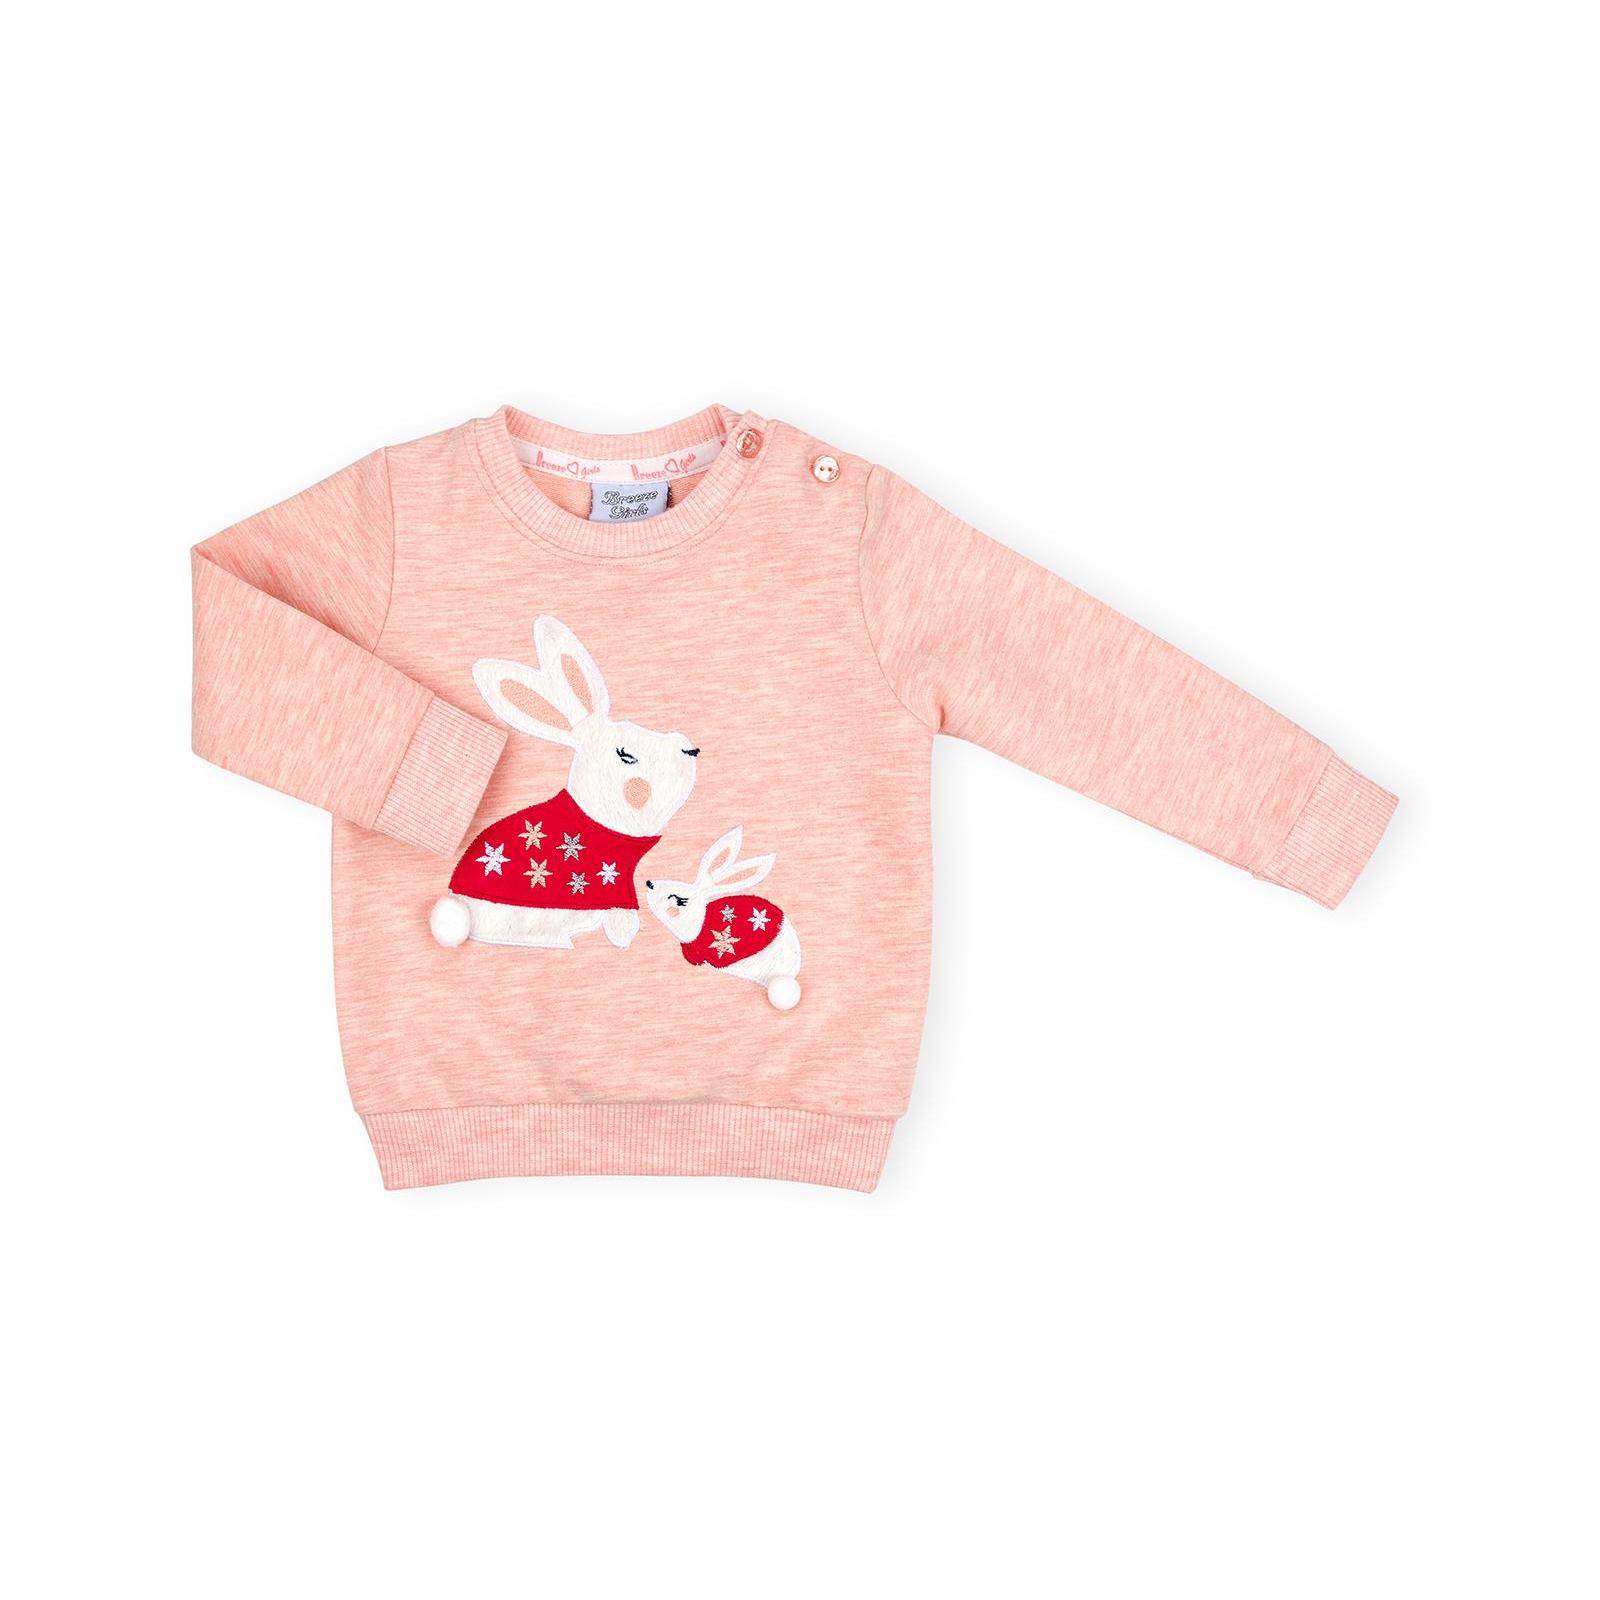 Набор детской одежды Breeze с зайчиками (10214-74G-peach) изображение 2